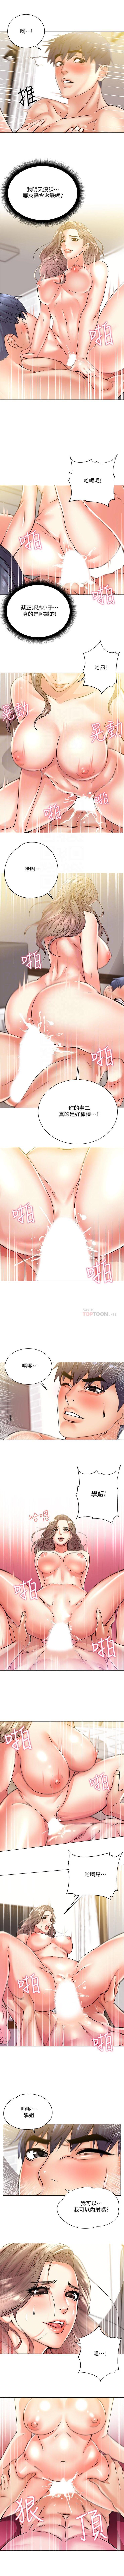 (週3)超市的漂亮姐姐 1-22 中文翻譯(更新中) 107